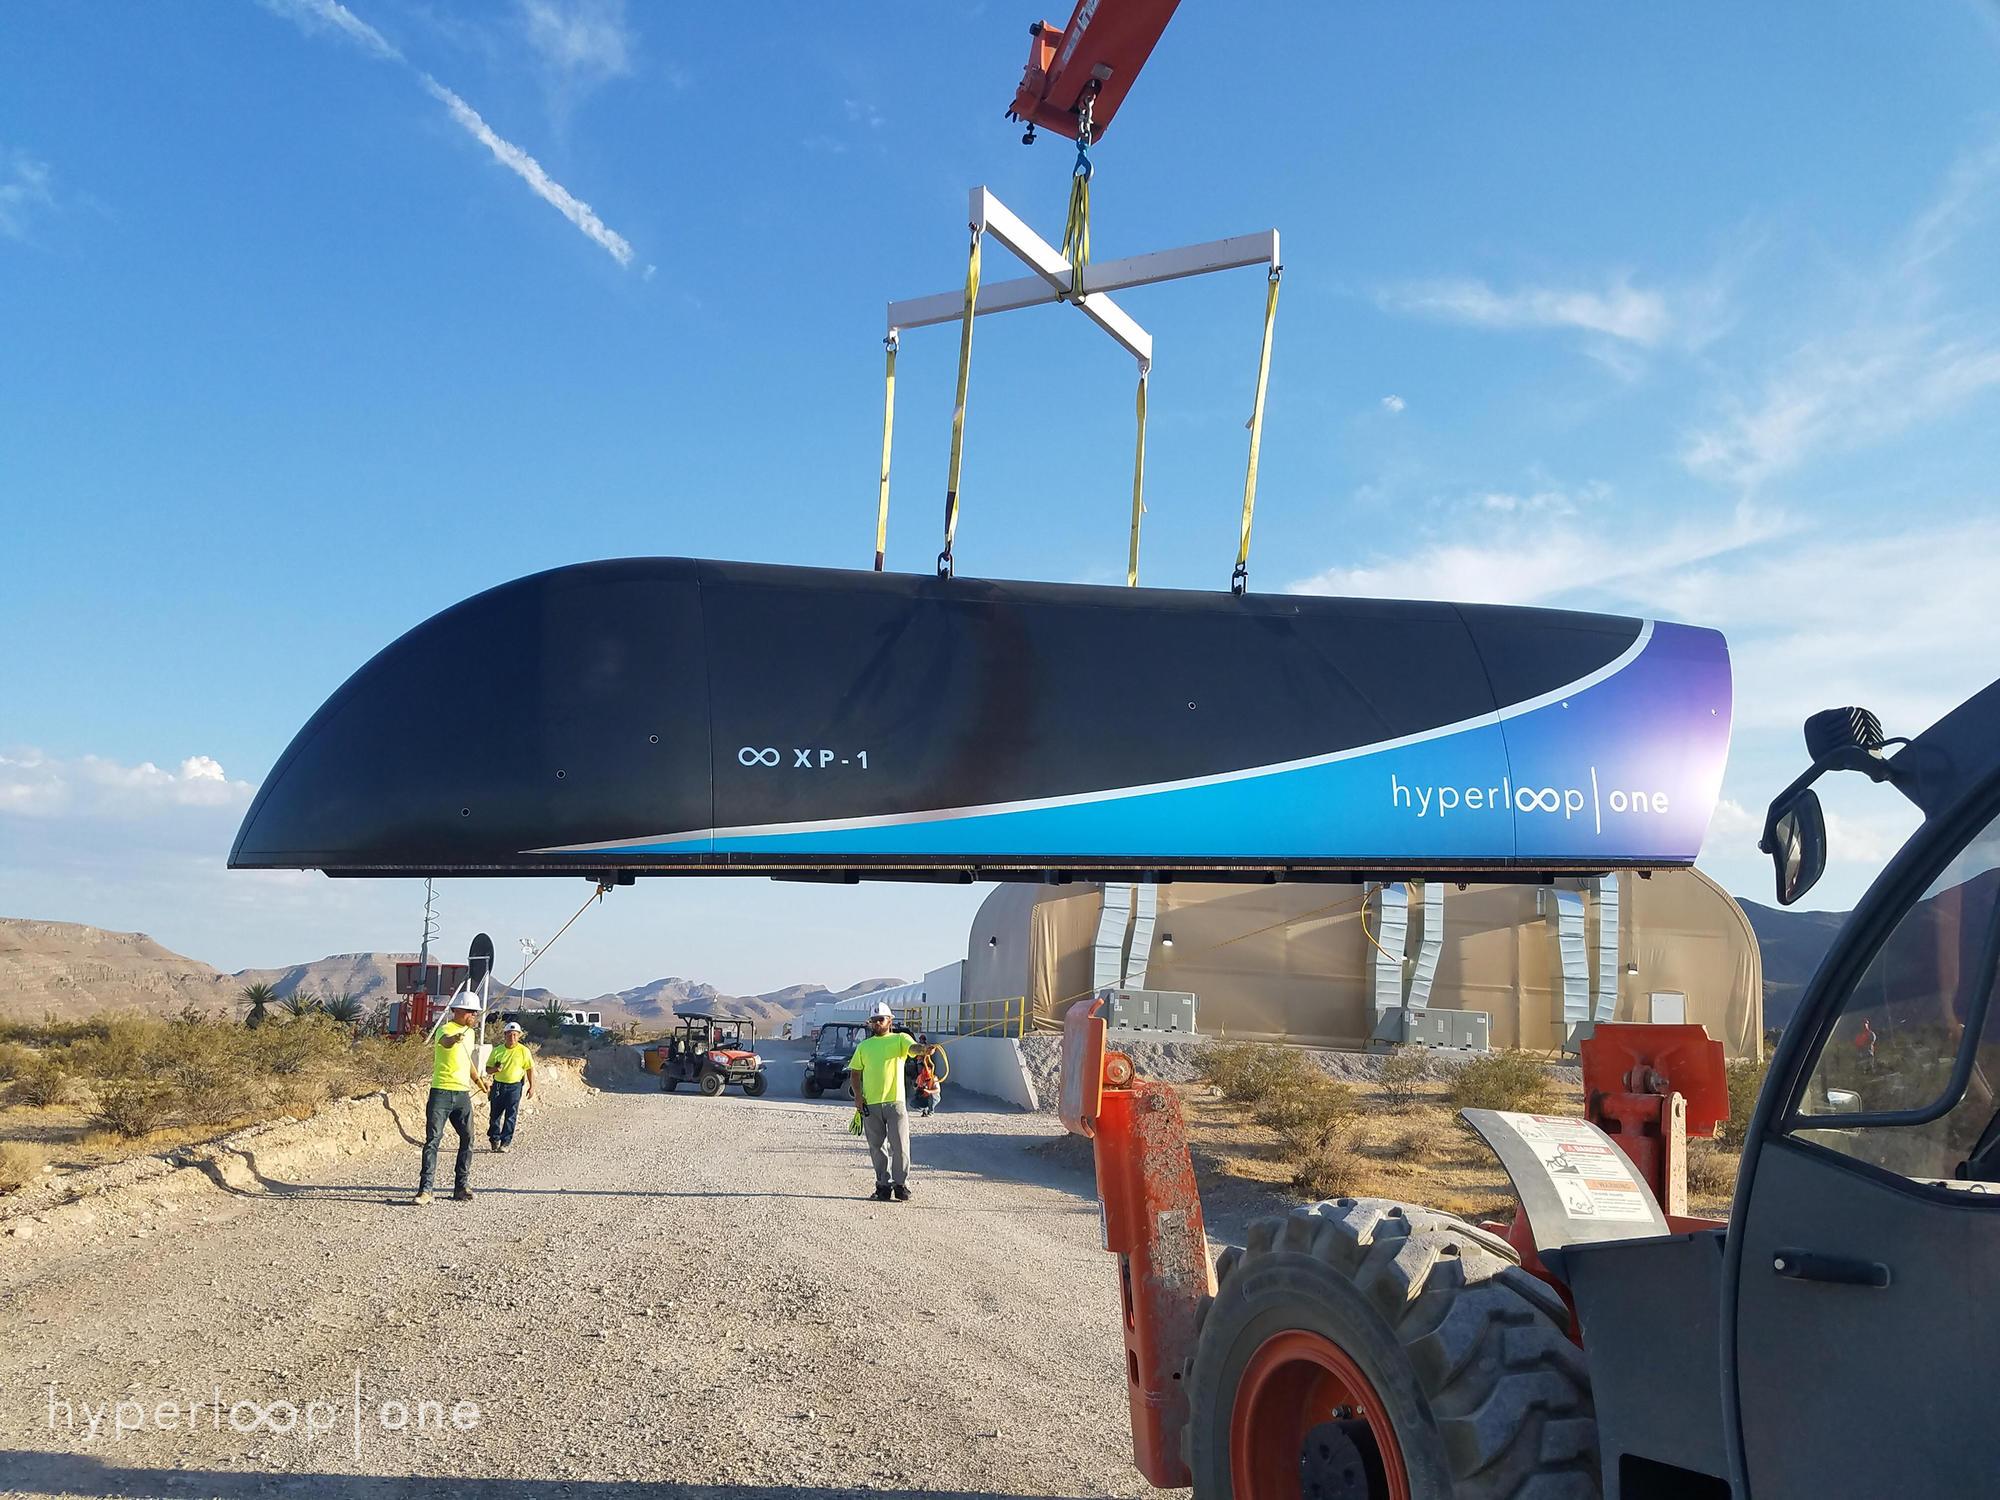 Hyperloop One Global Challenge Winners Announced